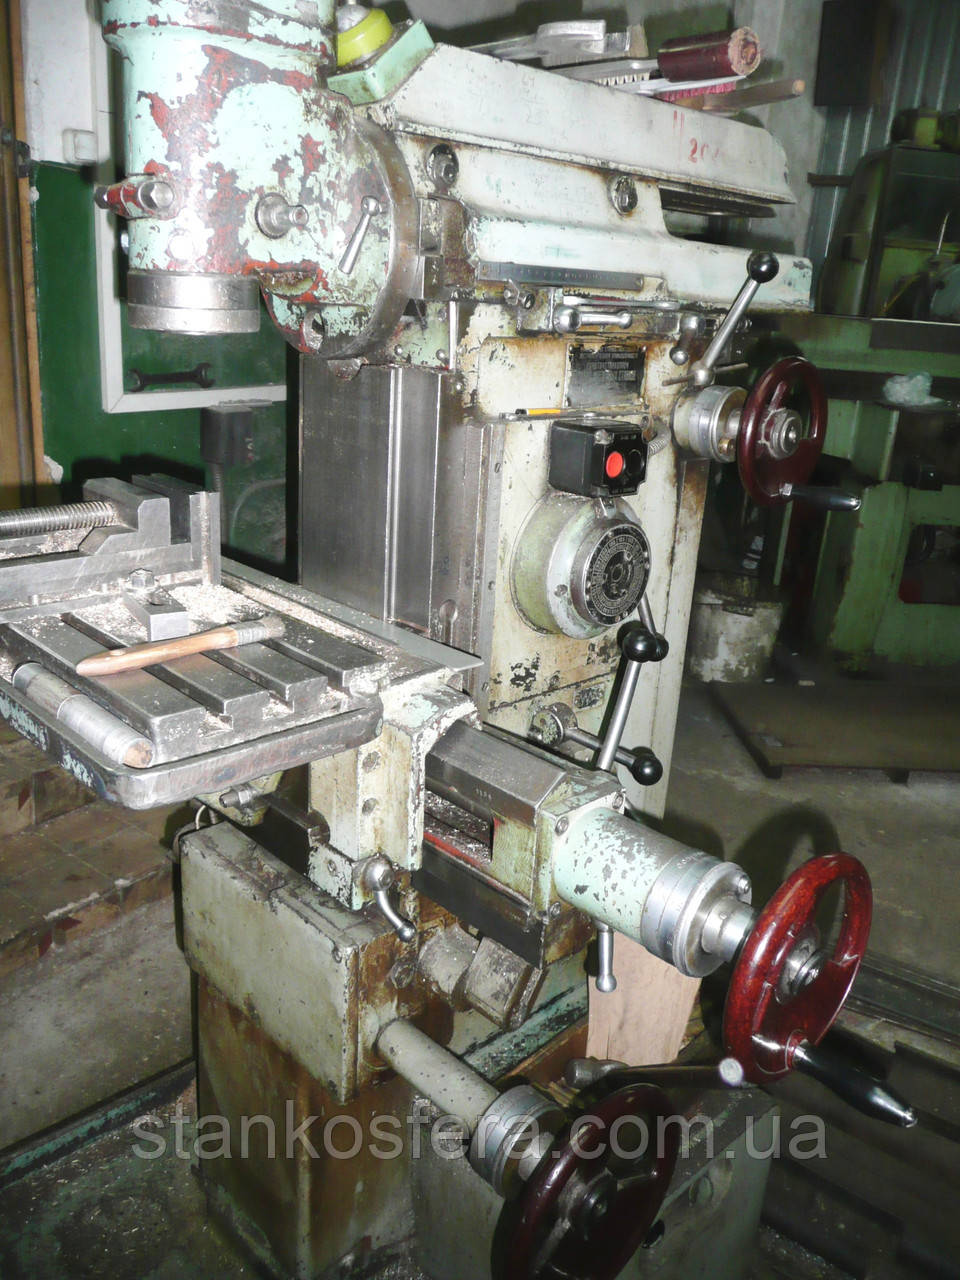 Фрезерный станок 675П бу универсальный металлообрабатывающий 1982г.